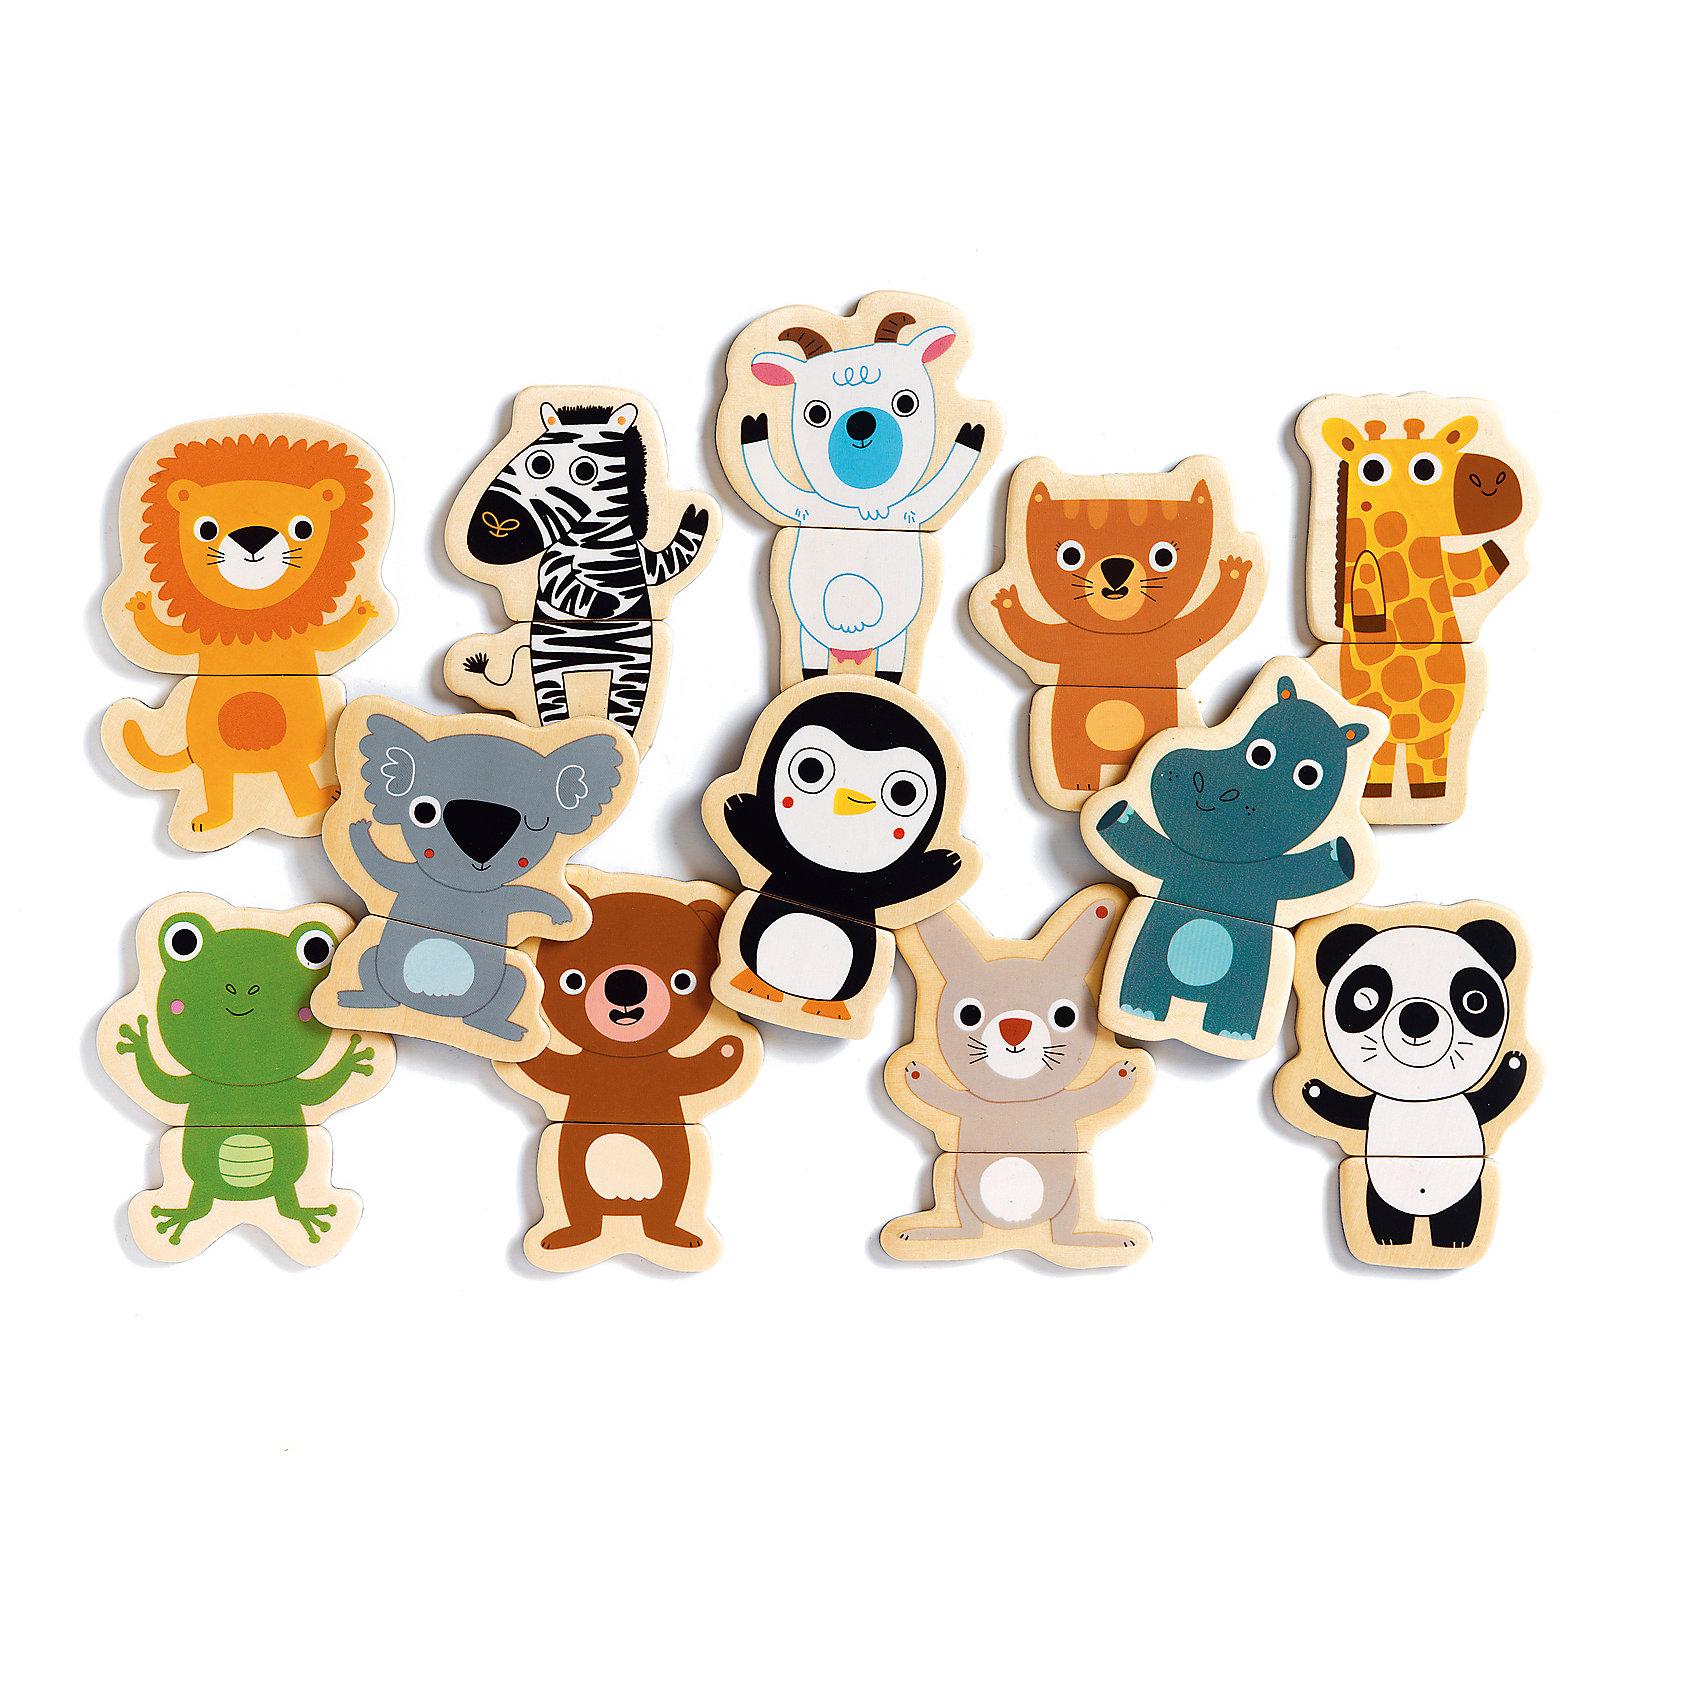 Магнитный пазл Ку-ку, DJECOРазвивающие игры<br>Магнитный пазл Ку-ку, DJECO (ДЖЕКО).<br><br>Характеристики:<br><br>- Для детей от 2-х лет<br>- Количество деталей: 24<br>- Высота собранного животного: 10 см.<br>- Материал: древесина<br>- Упаковка: красочная подарочная картонная коробка<br>- Размер упаковки: 21,8х18,8х4 см.<br><br>Магнитный пазл Ку-ку - это интересная и увлекательная игра для малышей от французского производителя Djeco (Джеко)! Игра представляет собой деревянные фигурки на магнитах, разделенные на две части. С помощью 24 деталей пазла на любой металлической поверхности можно собрать 12 различных животных или создать невероятных несуществующих животных. Пазл предназначен для игр с детьми от двух лет, но детали довольно крупные, поэтому их удобно держать в ладошке даже совсем маленьким деткам. Все фигурки изготовлены из натуральной древесины, отшлифованы и окрашены безопасными красками, они не царапаются и не теряют своего привлекательного внешнего вида. Игра развивает внимательность, мелкую моторику рук, воображение, логическое мышление, зрительное восприятие, усидчивость. Французская компания Джеко производит развивающие игрушки и игры для детей, а также наборы для творчества и детали интерьера детской комнаты. Товары Джеко отличаются высочайшим качеством, необычной идеей исполнения. Изображения и дизайн специально разрабатываются молодыми французскими художниками.<br><br>Магнитный пазл Ку-ку, DJECO (ДЖЕКО) можно купить в нашем интернет-магазине.<br><br>Ширина мм: 218<br>Глубина мм: 188<br>Высота мм: 40<br>Вес г: 400<br>Возраст от месяцев: 24<br>Возраст до месяцев: 2147483647<br>Пол: Унисекс<br>Возраст: Детский<br>SKU: 5299145